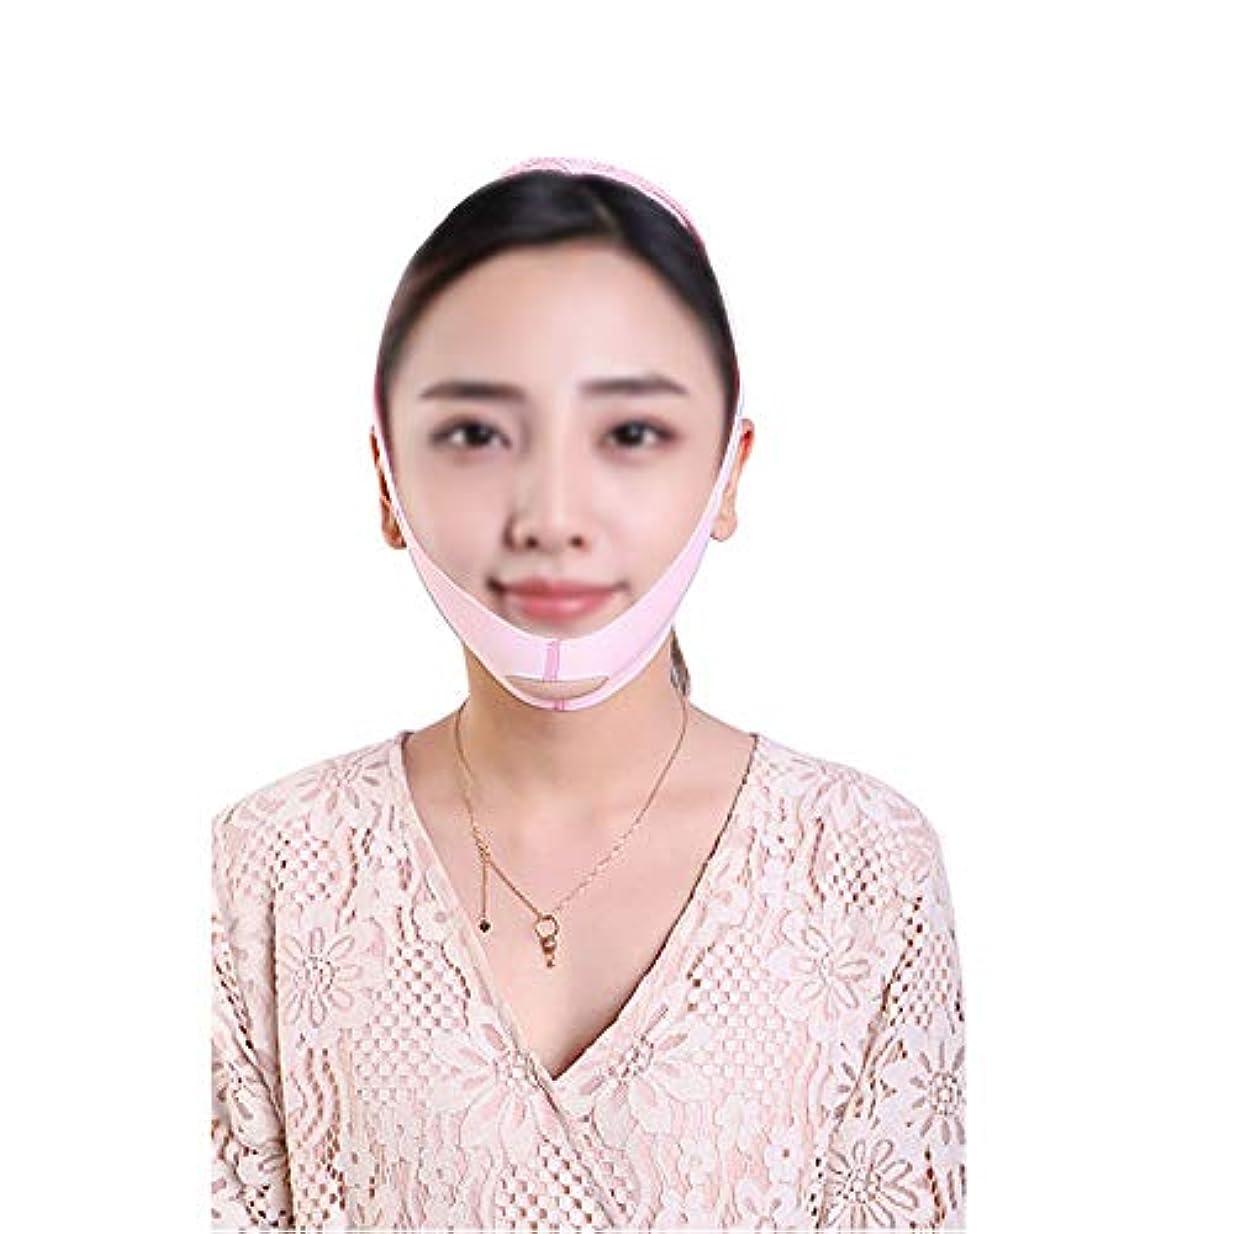 TLMY 薄いフェイスマスク引き締めアンチフロントドルーピングアーティファクト小さなVフェイス包帯マスク 顔用整形マスク